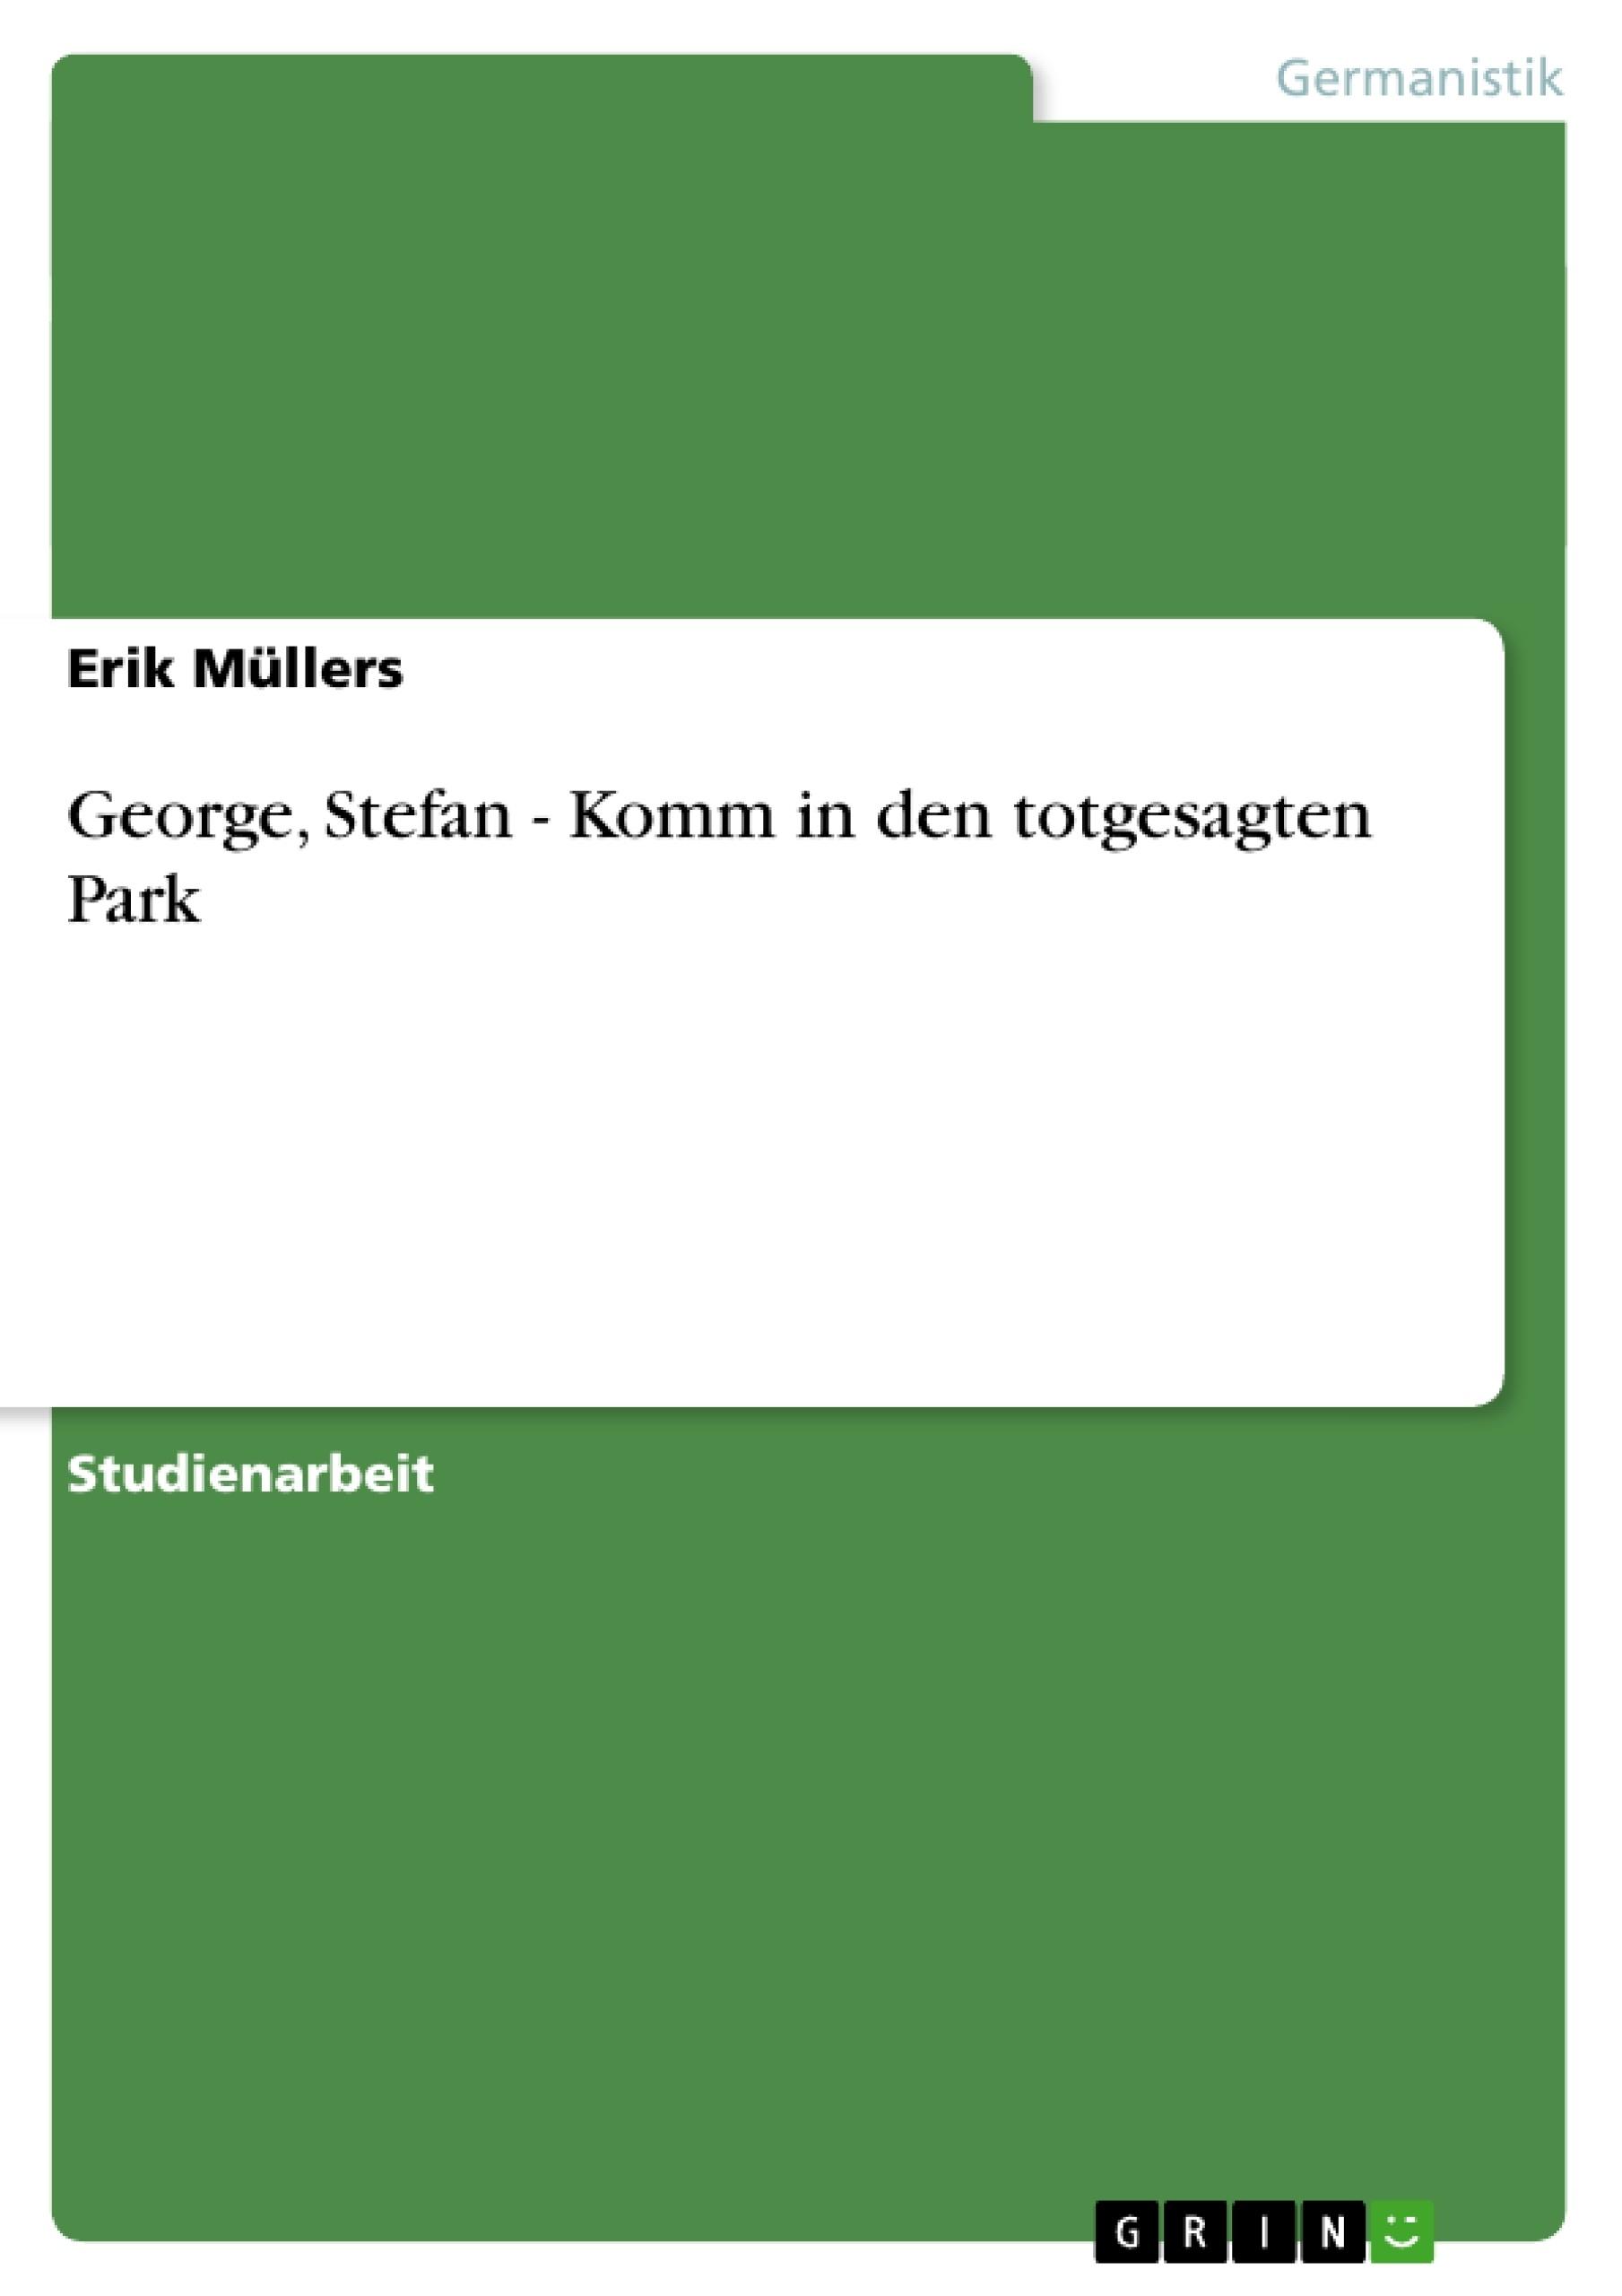 Titel: George, Stefan - Komm in den totgesagten Park